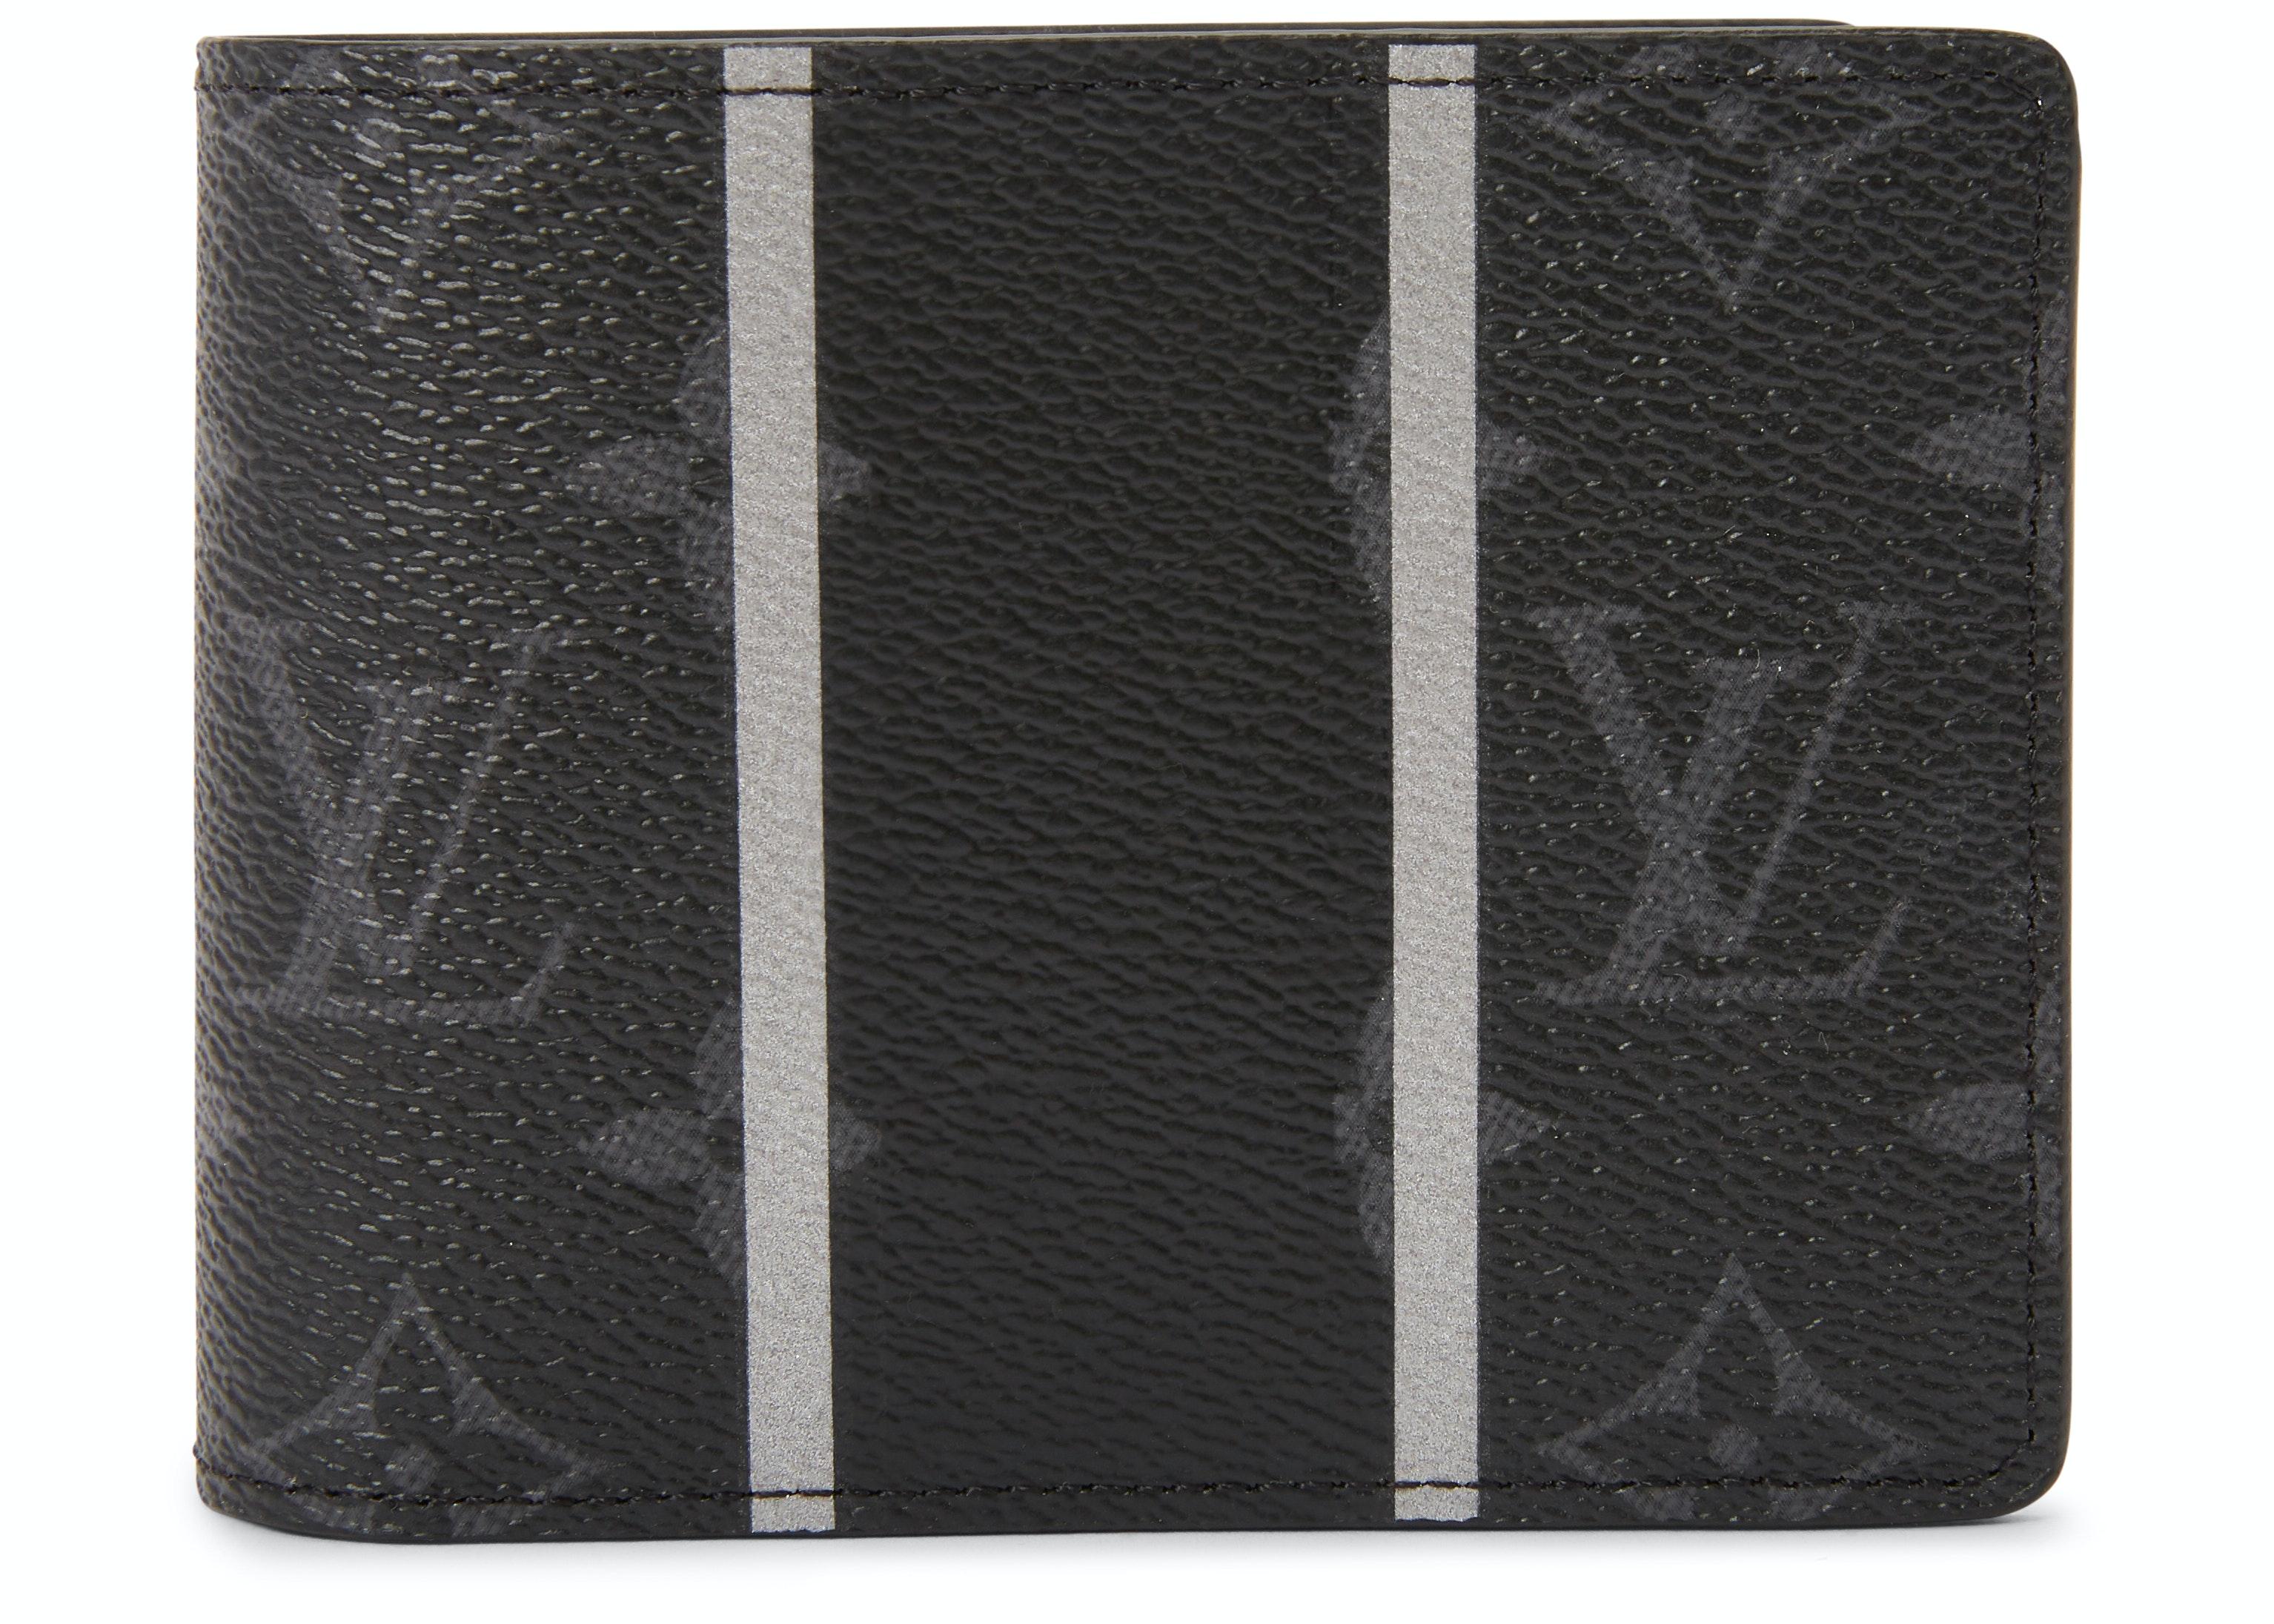 Louis Vuitton x Fragment Multiple Wallet Monogram Eclipse Black